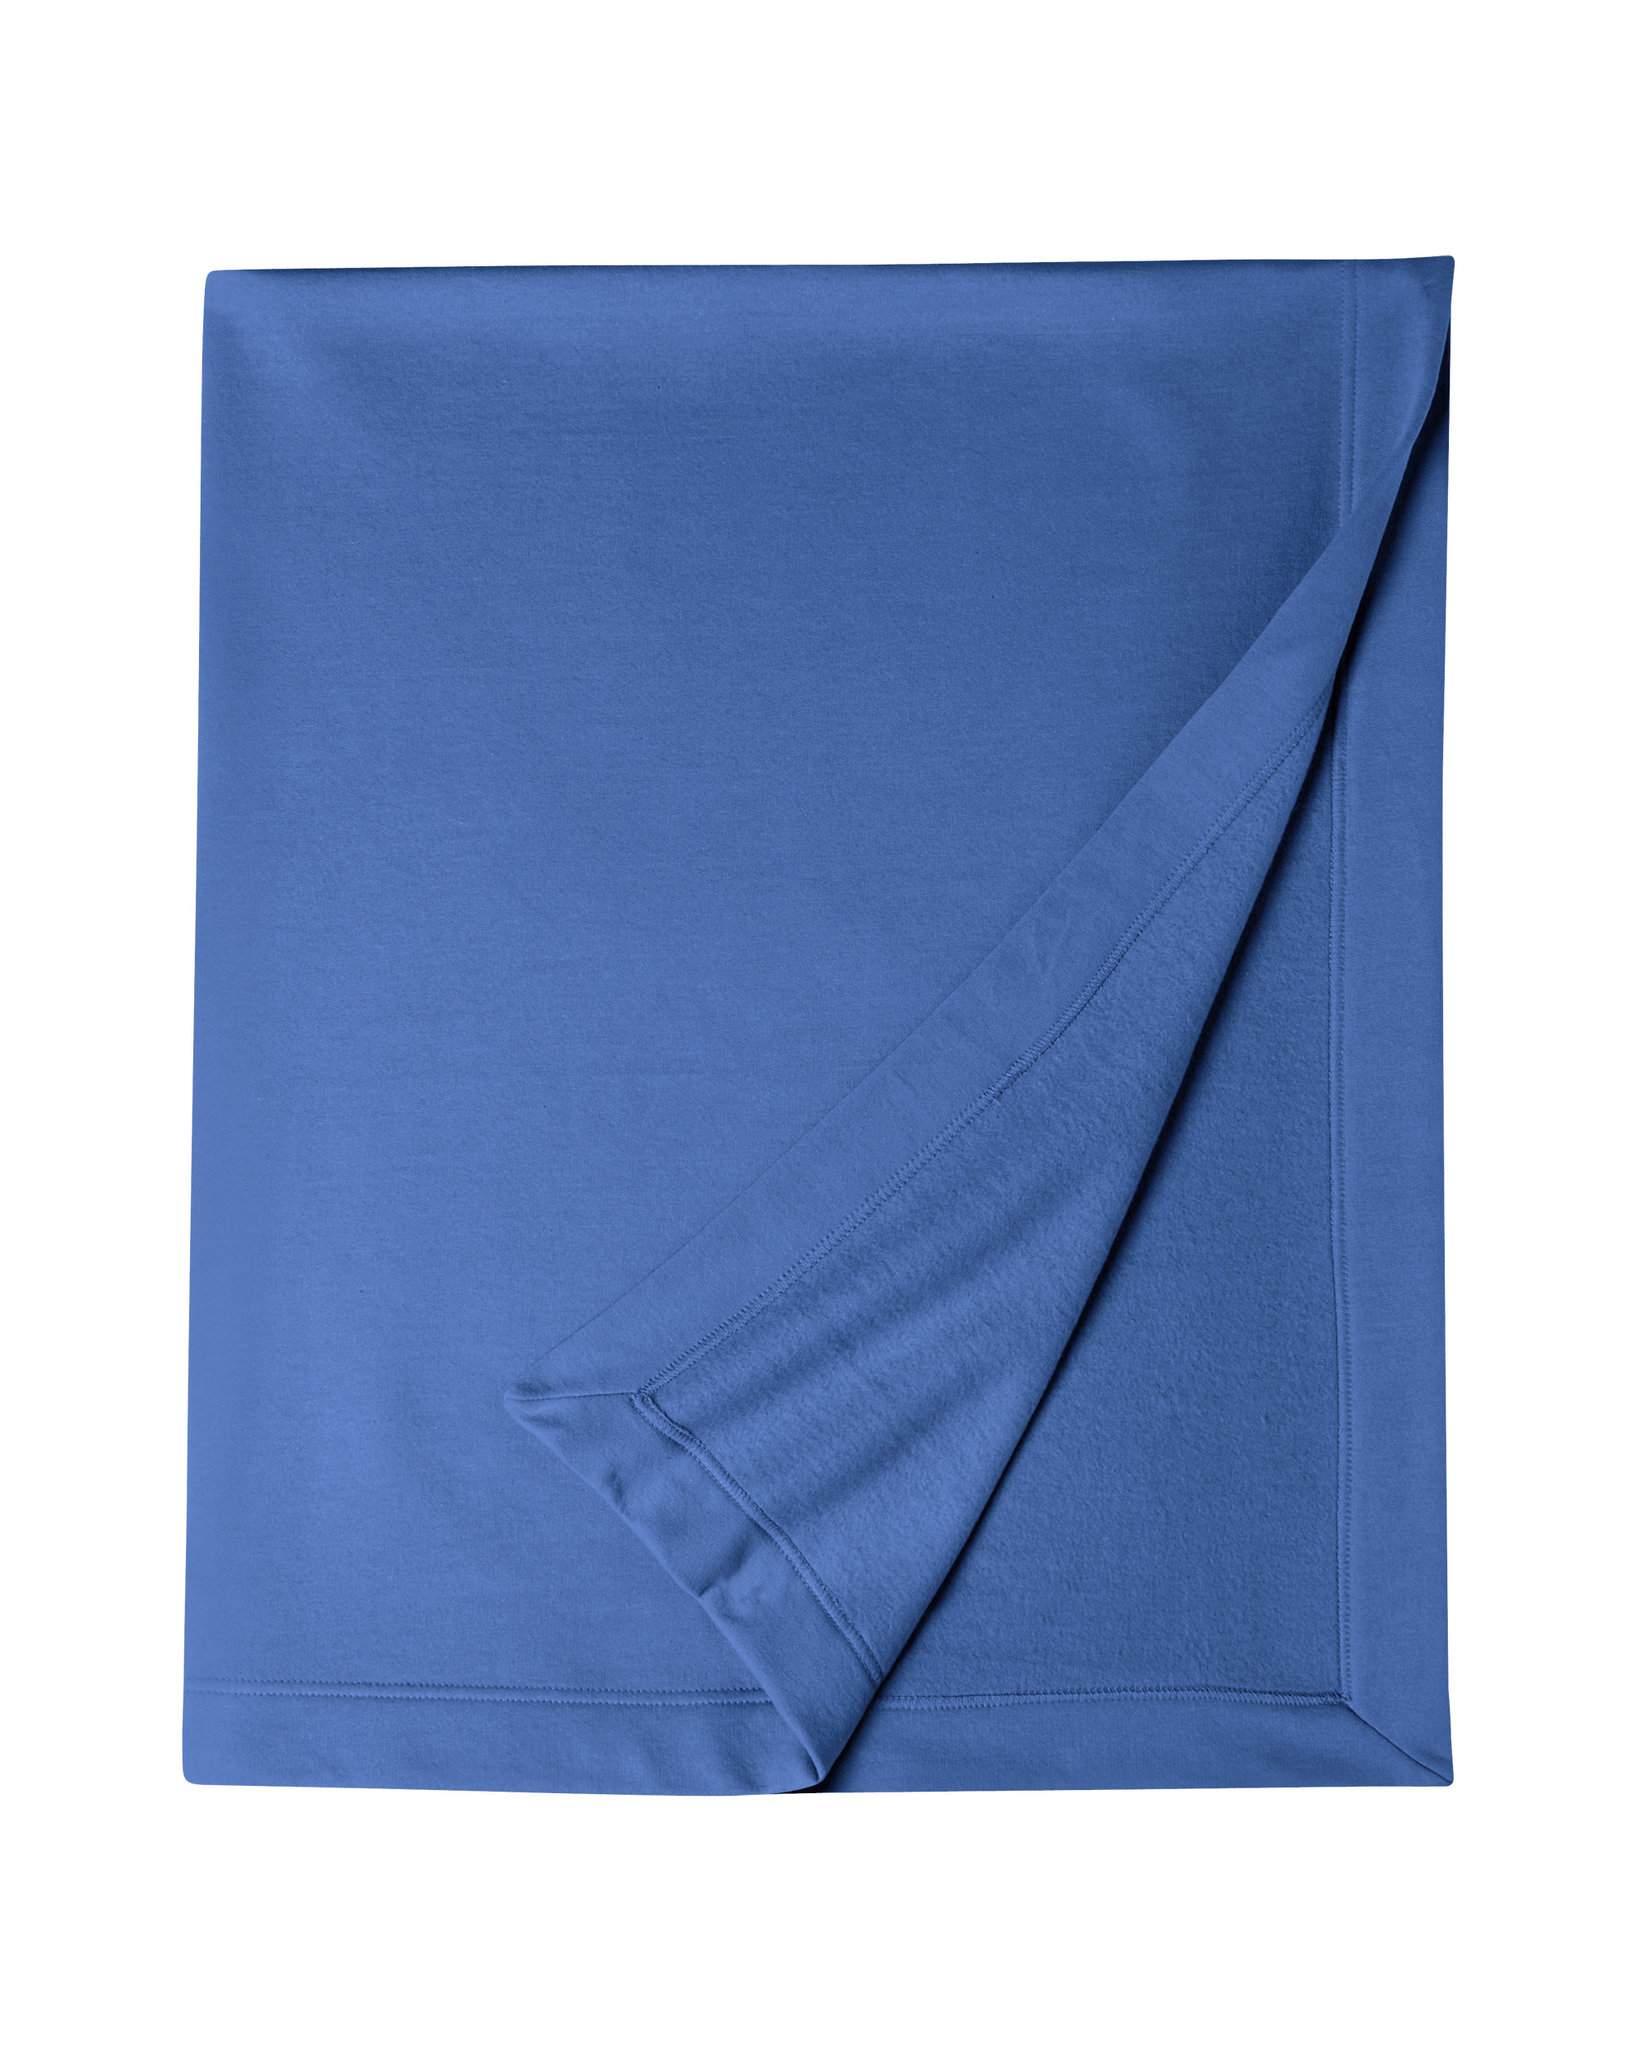 Plaid publicitaire Dryblend Fleece - plaid personnalisable